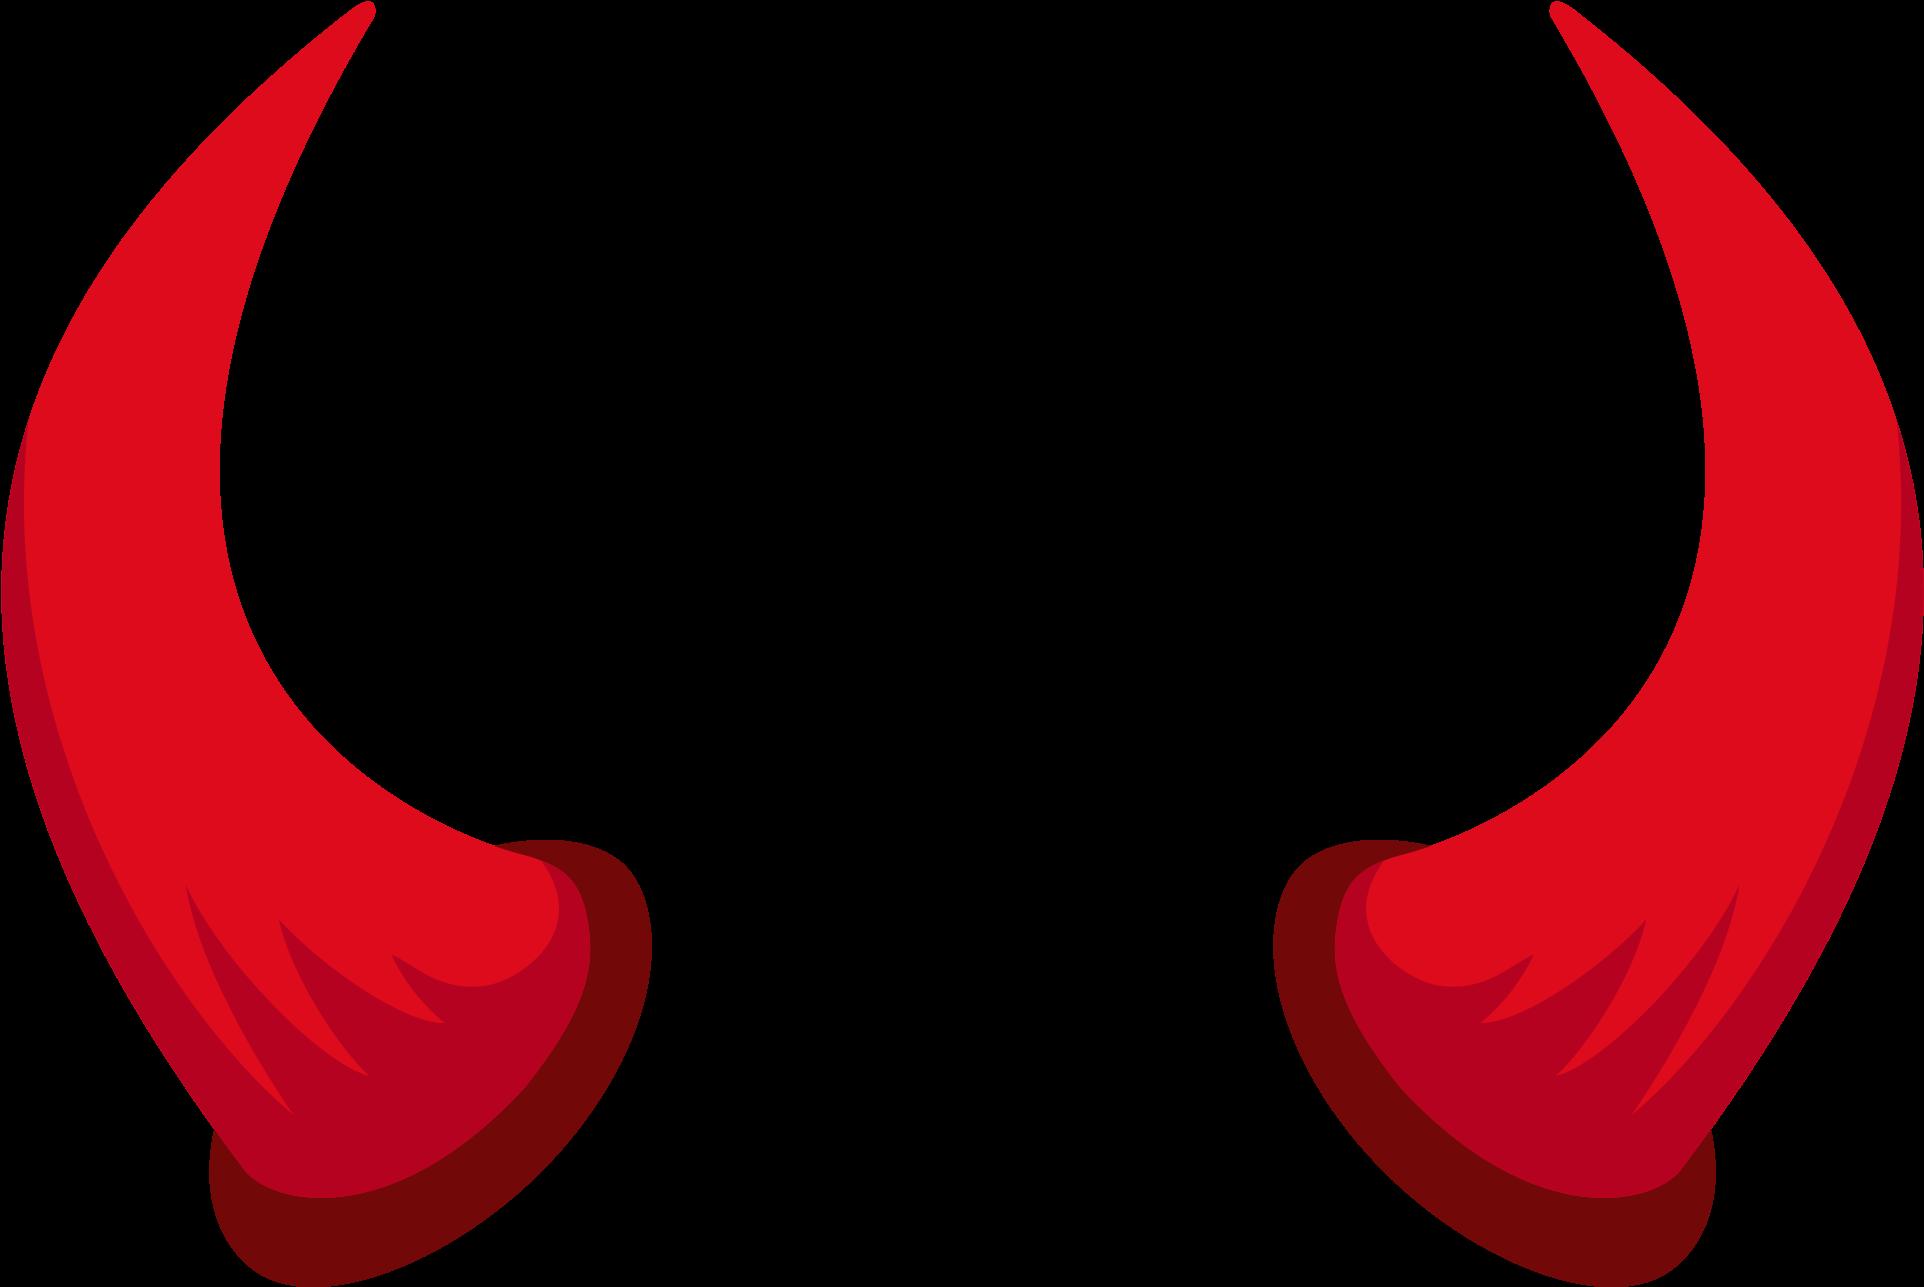 Jpg library download huge. Horn clipart devil